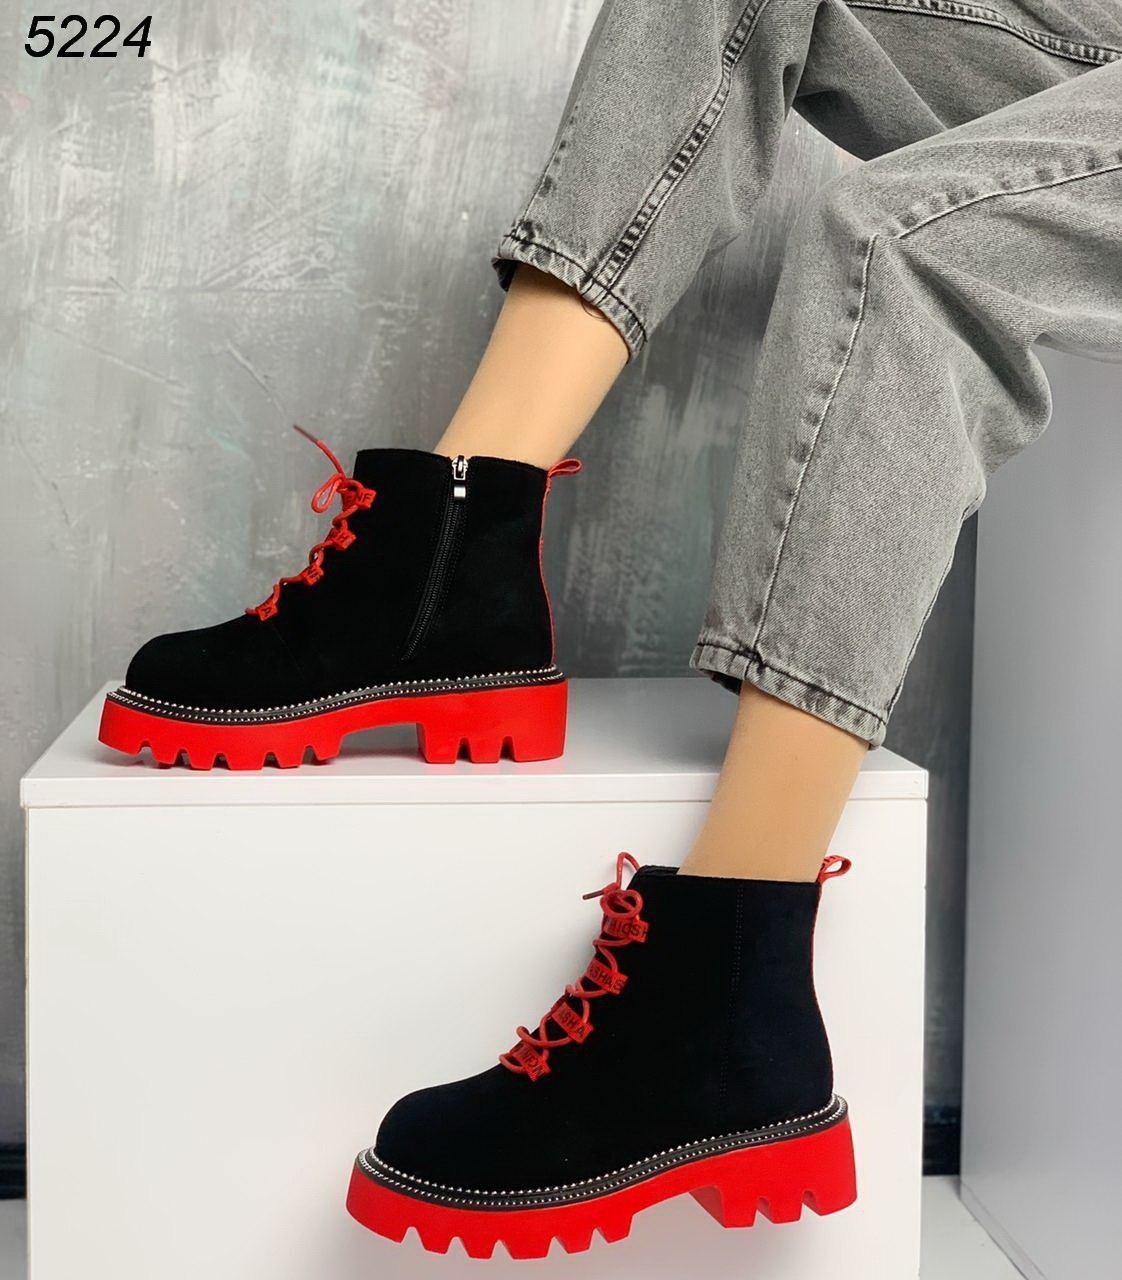 Женские зимние ботинки замшевые черные на красной подошве BO5224